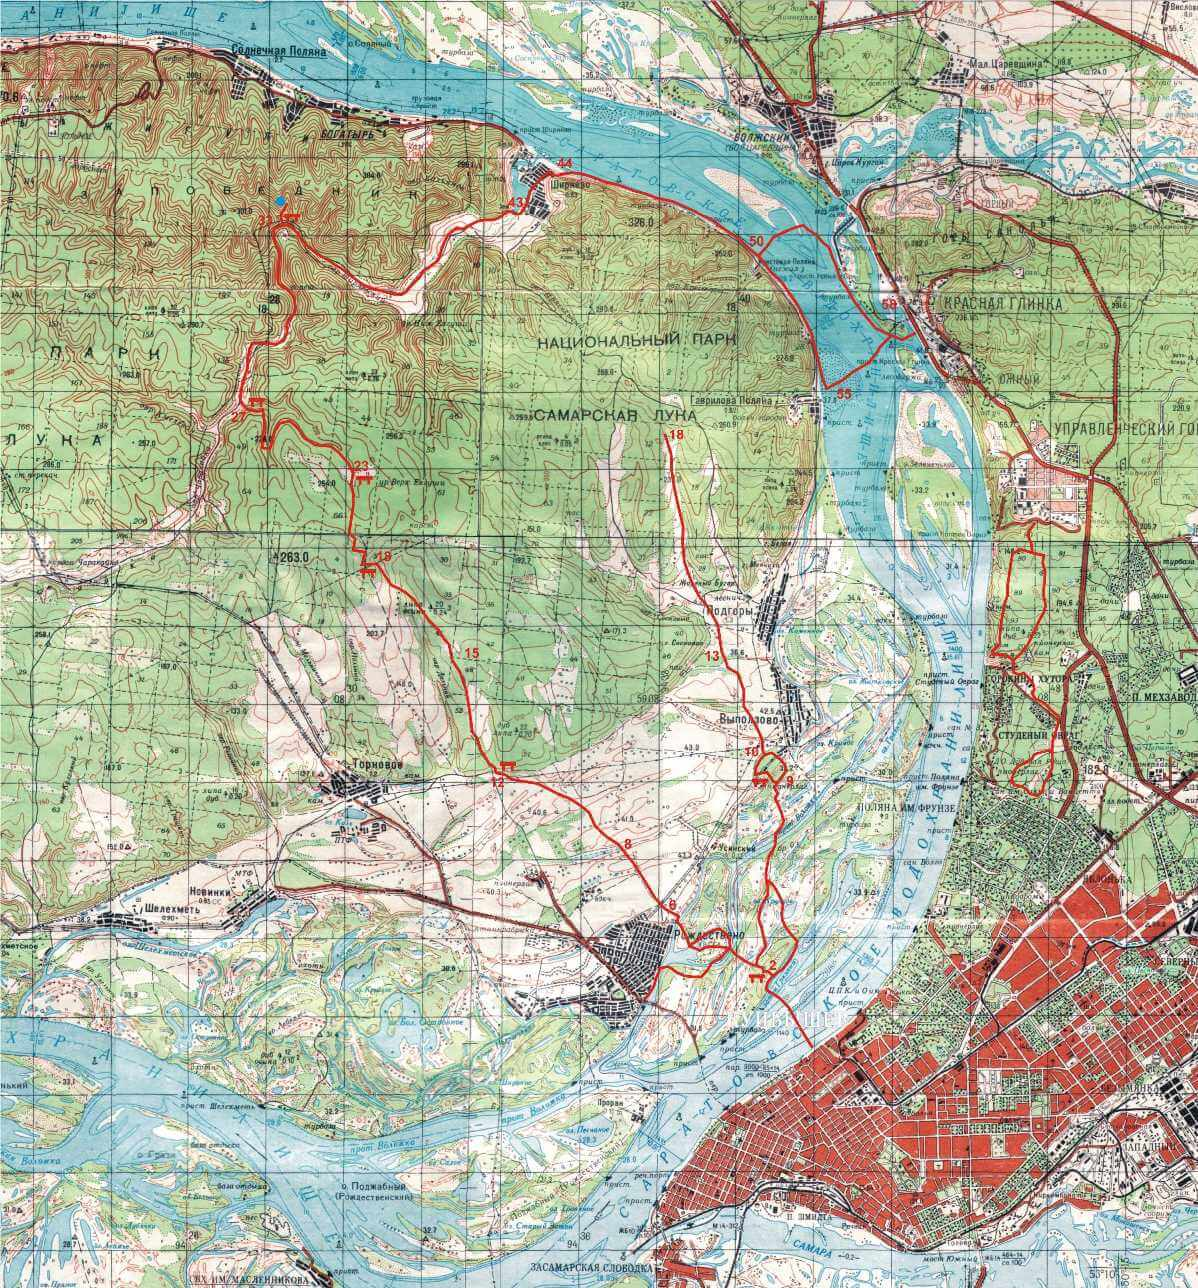 Лыжня политехников карта